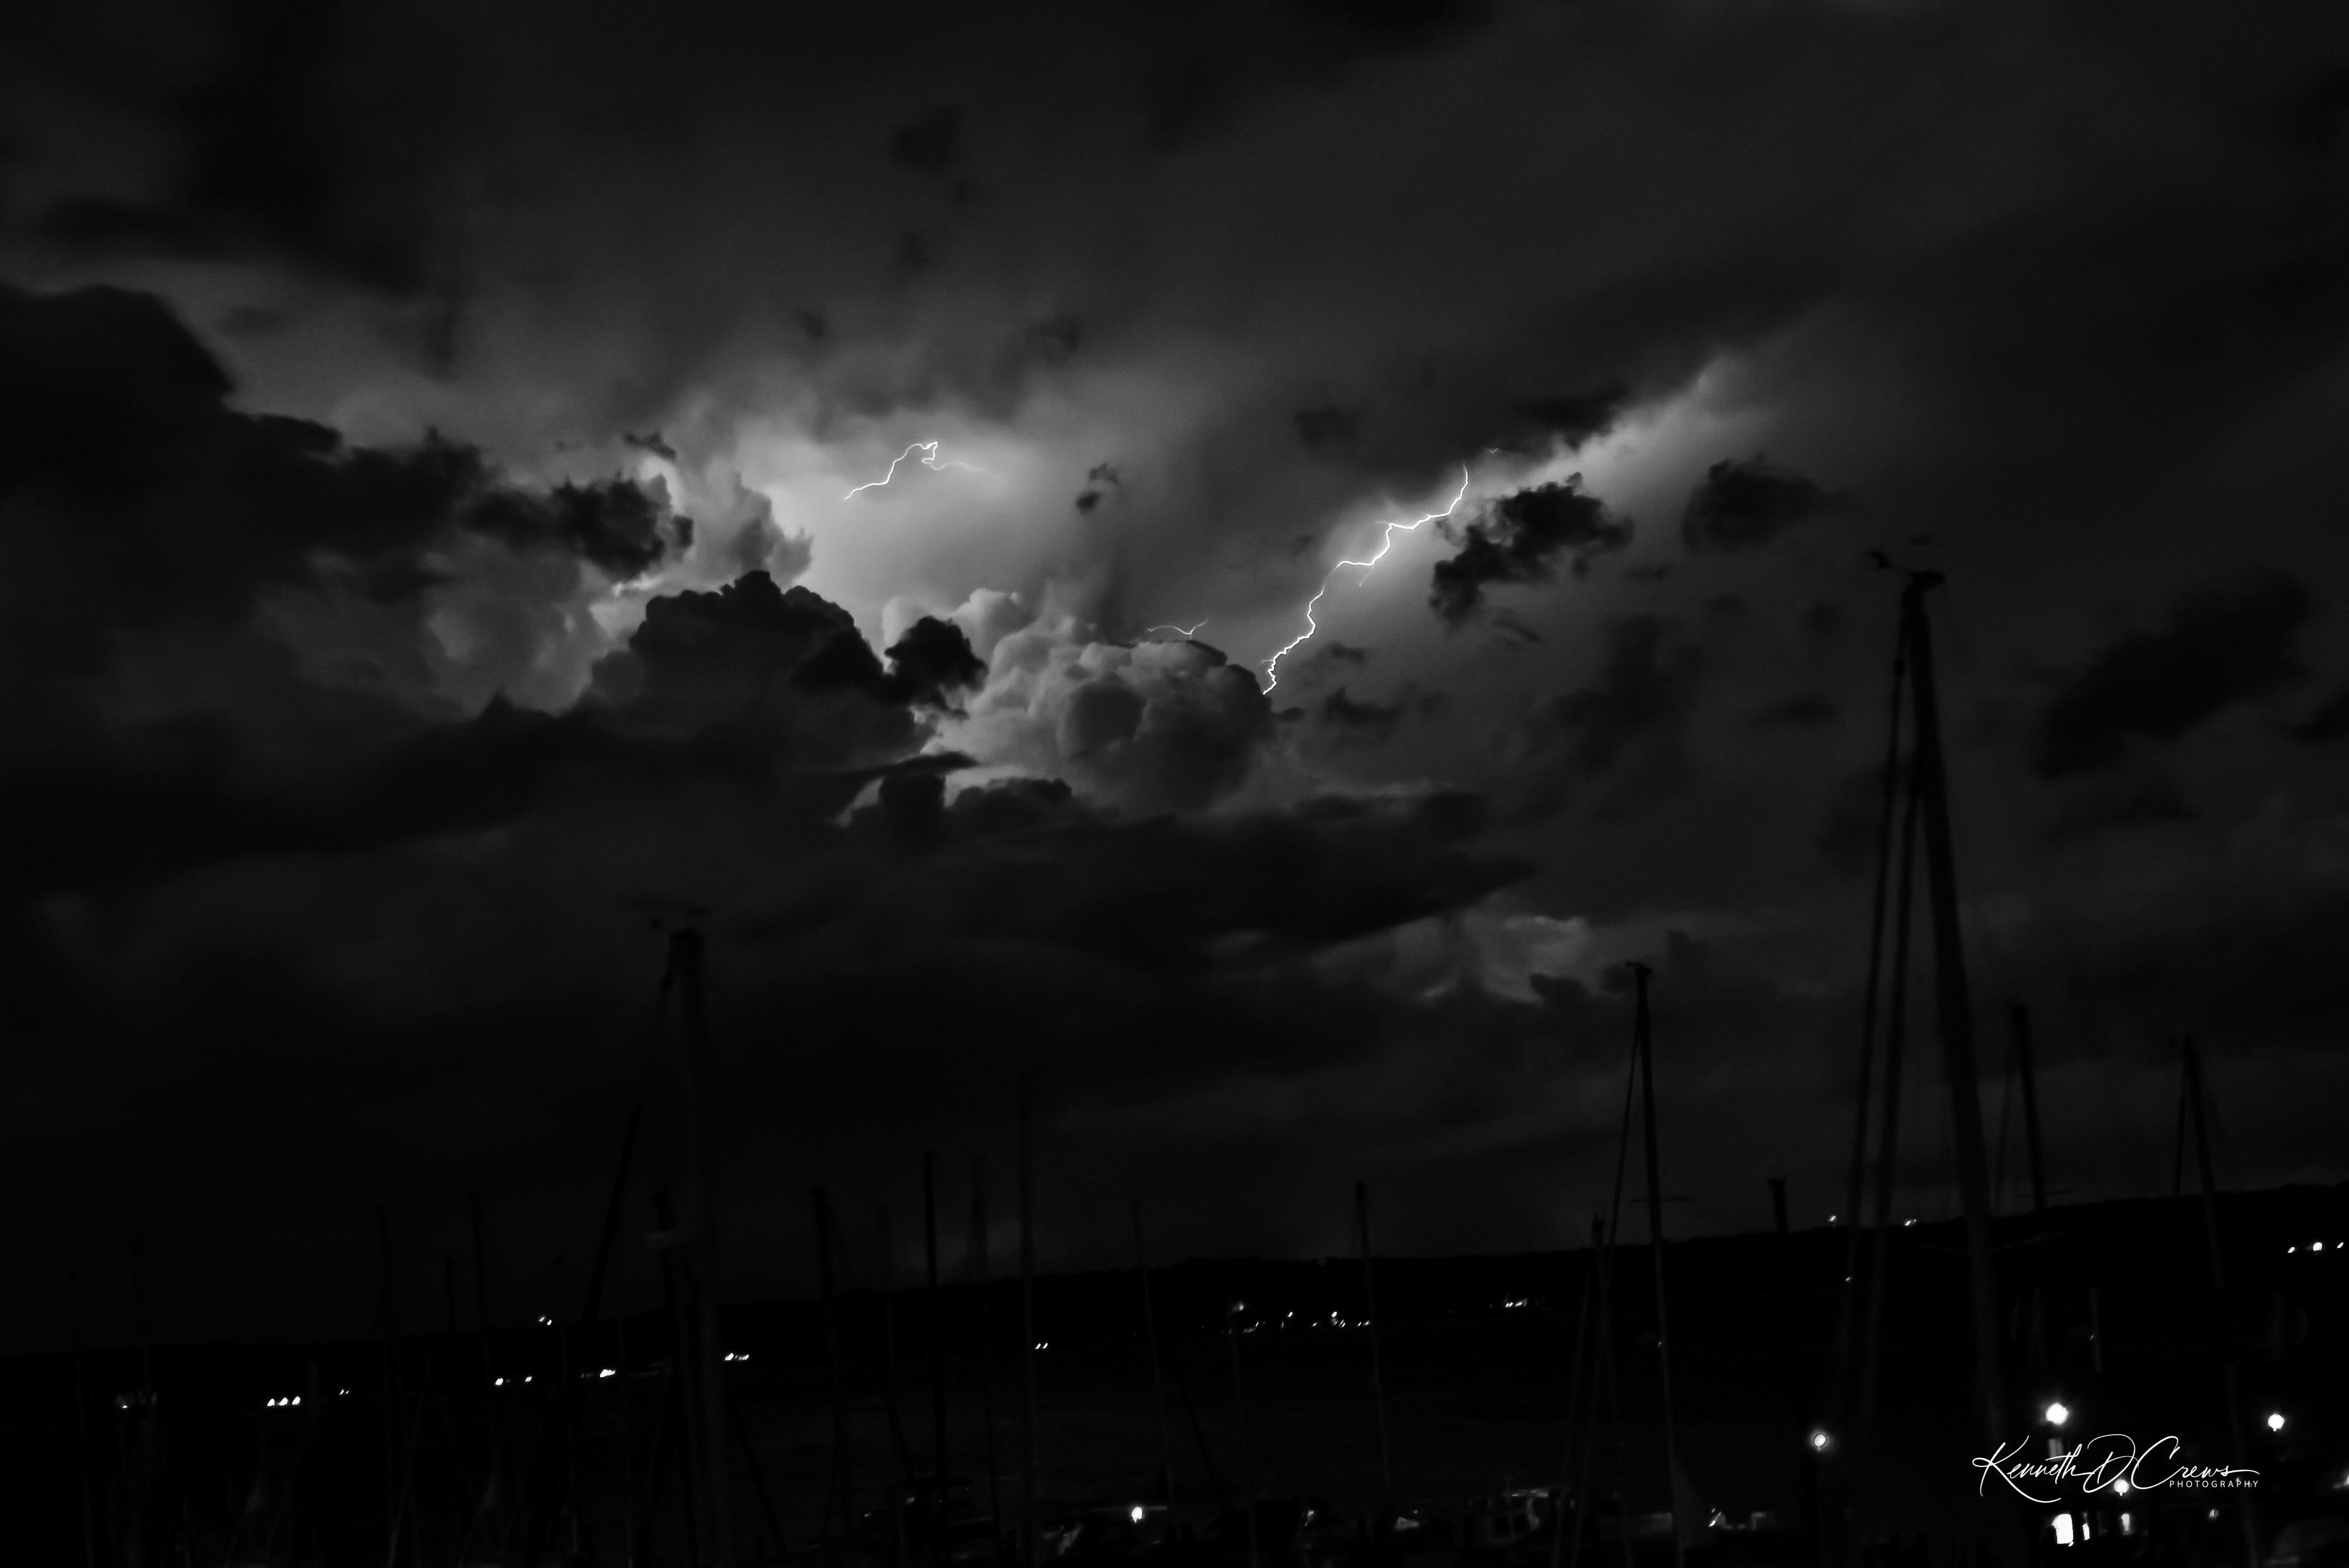 Lightning - 6